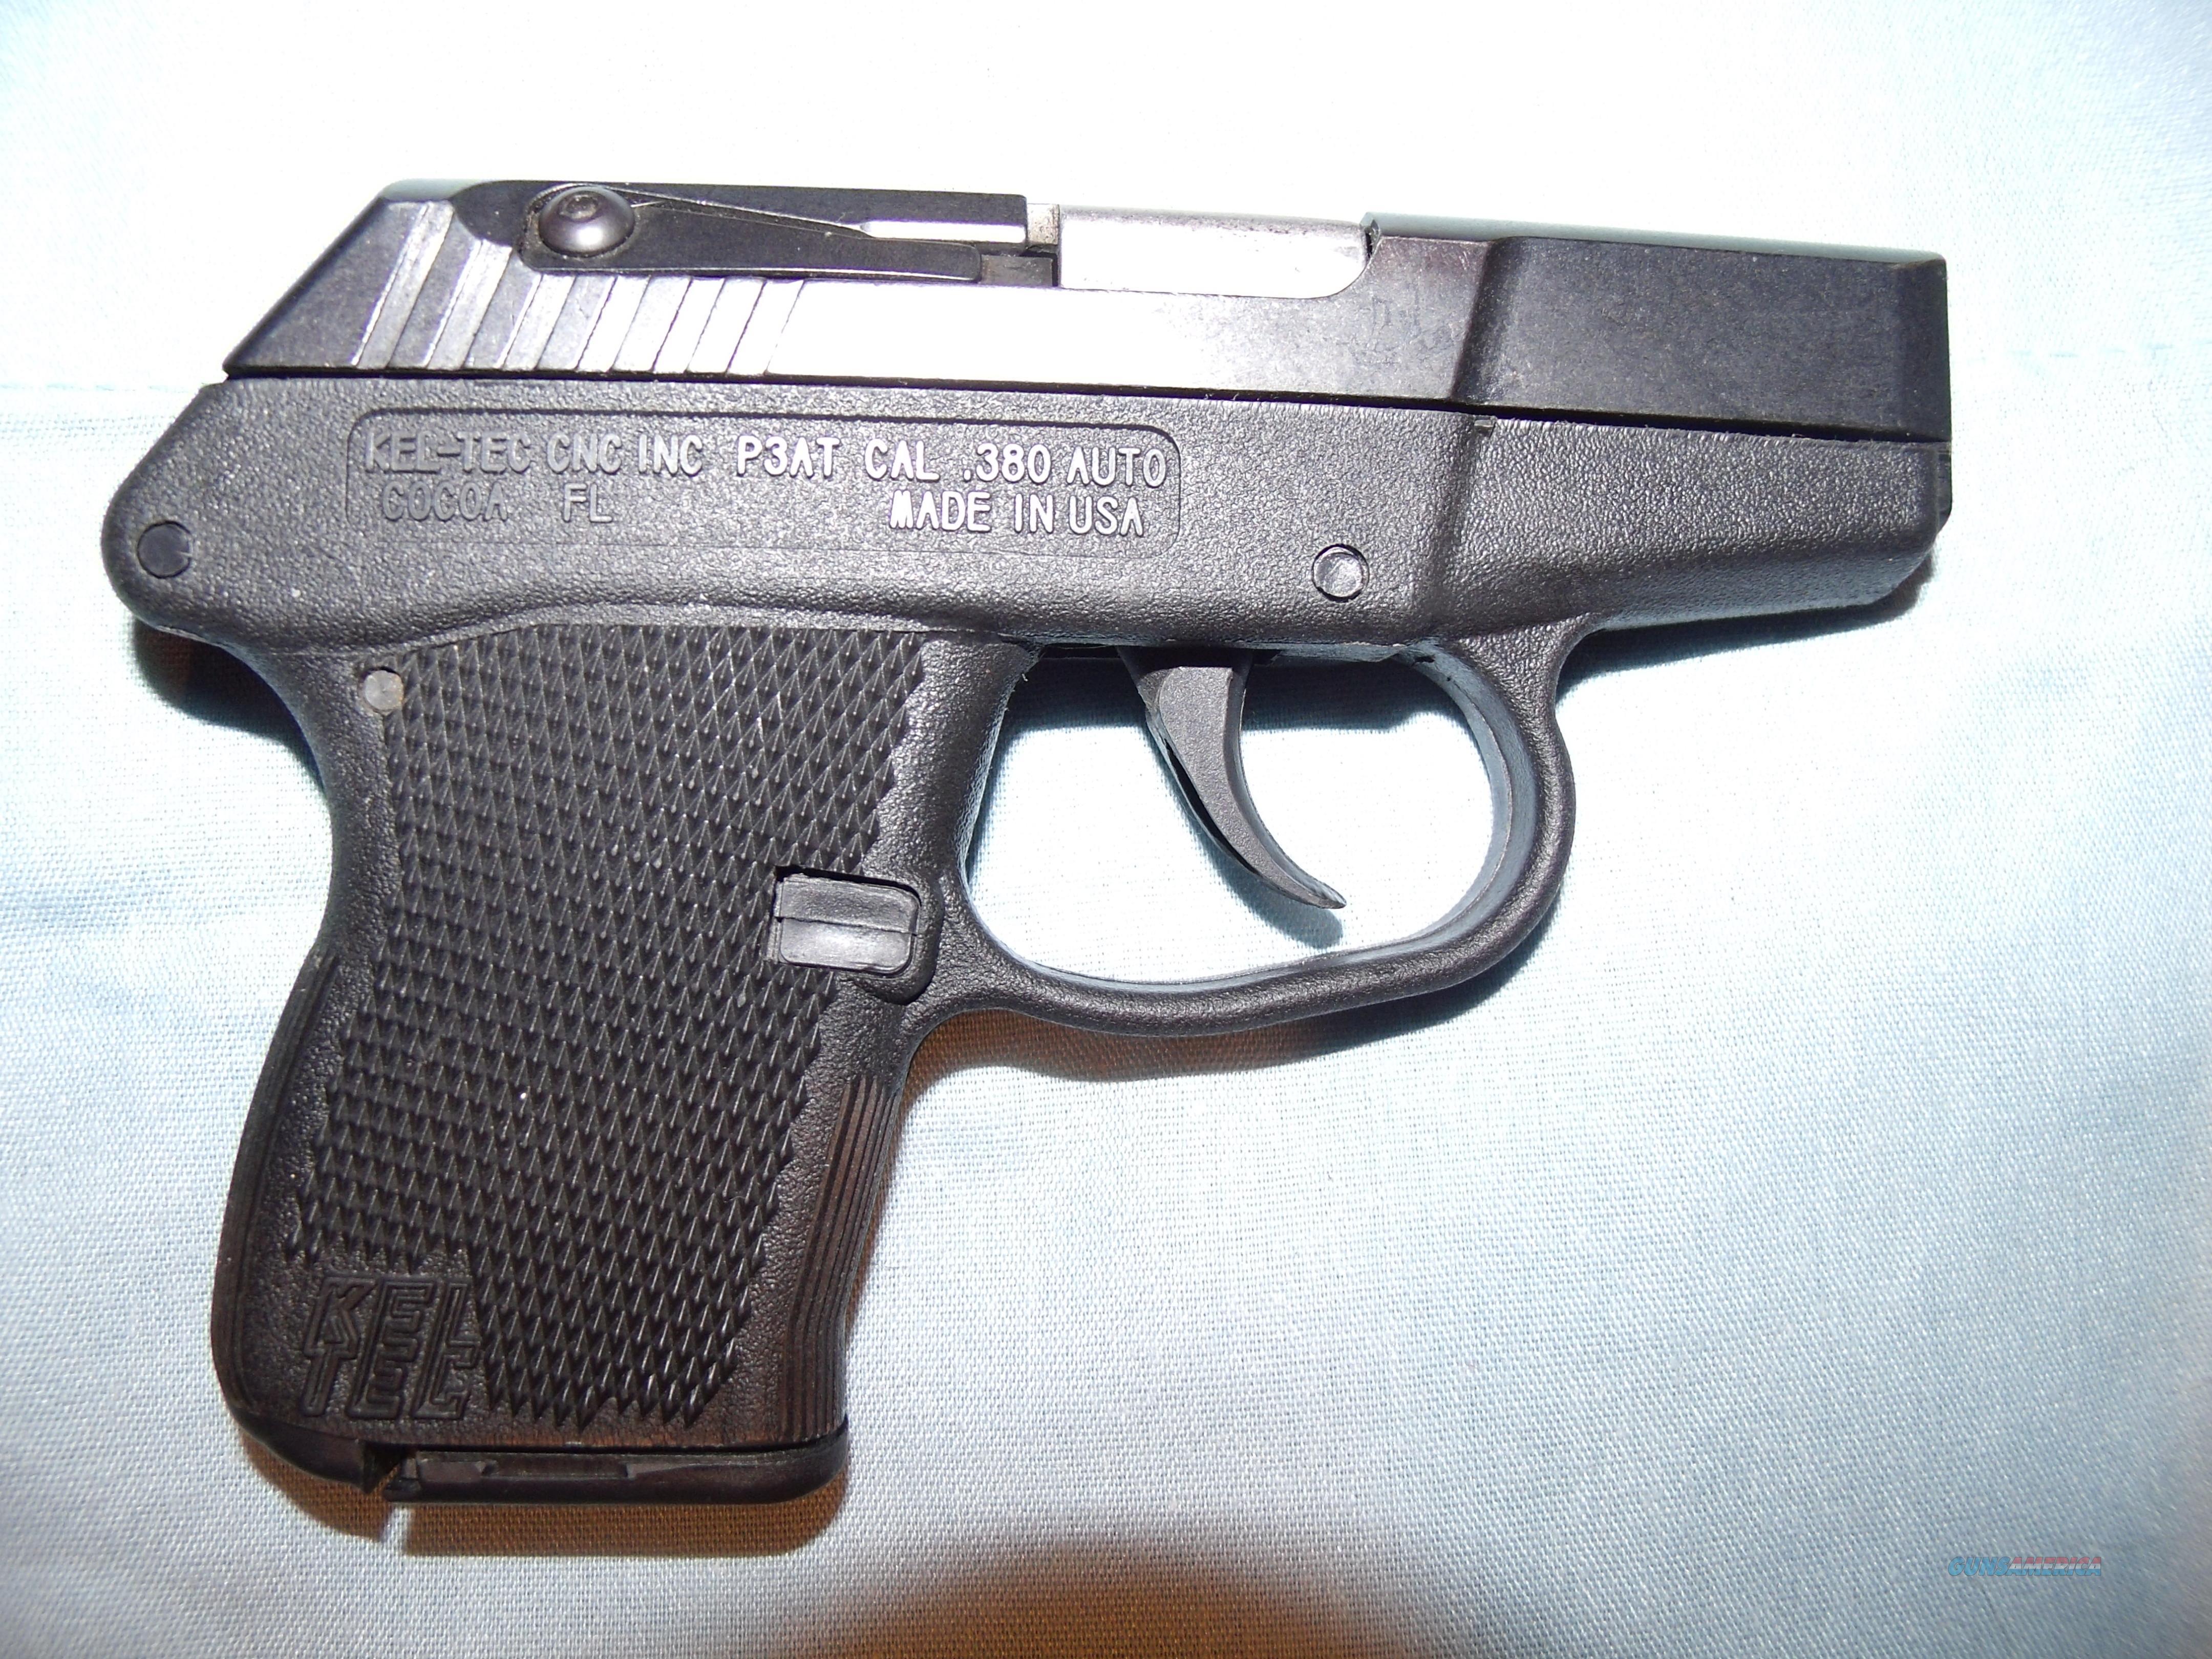 Kel-Tec P3AT .380  Guns > Pistols > Kel-Tec Pistols > Pocket Pistol Type